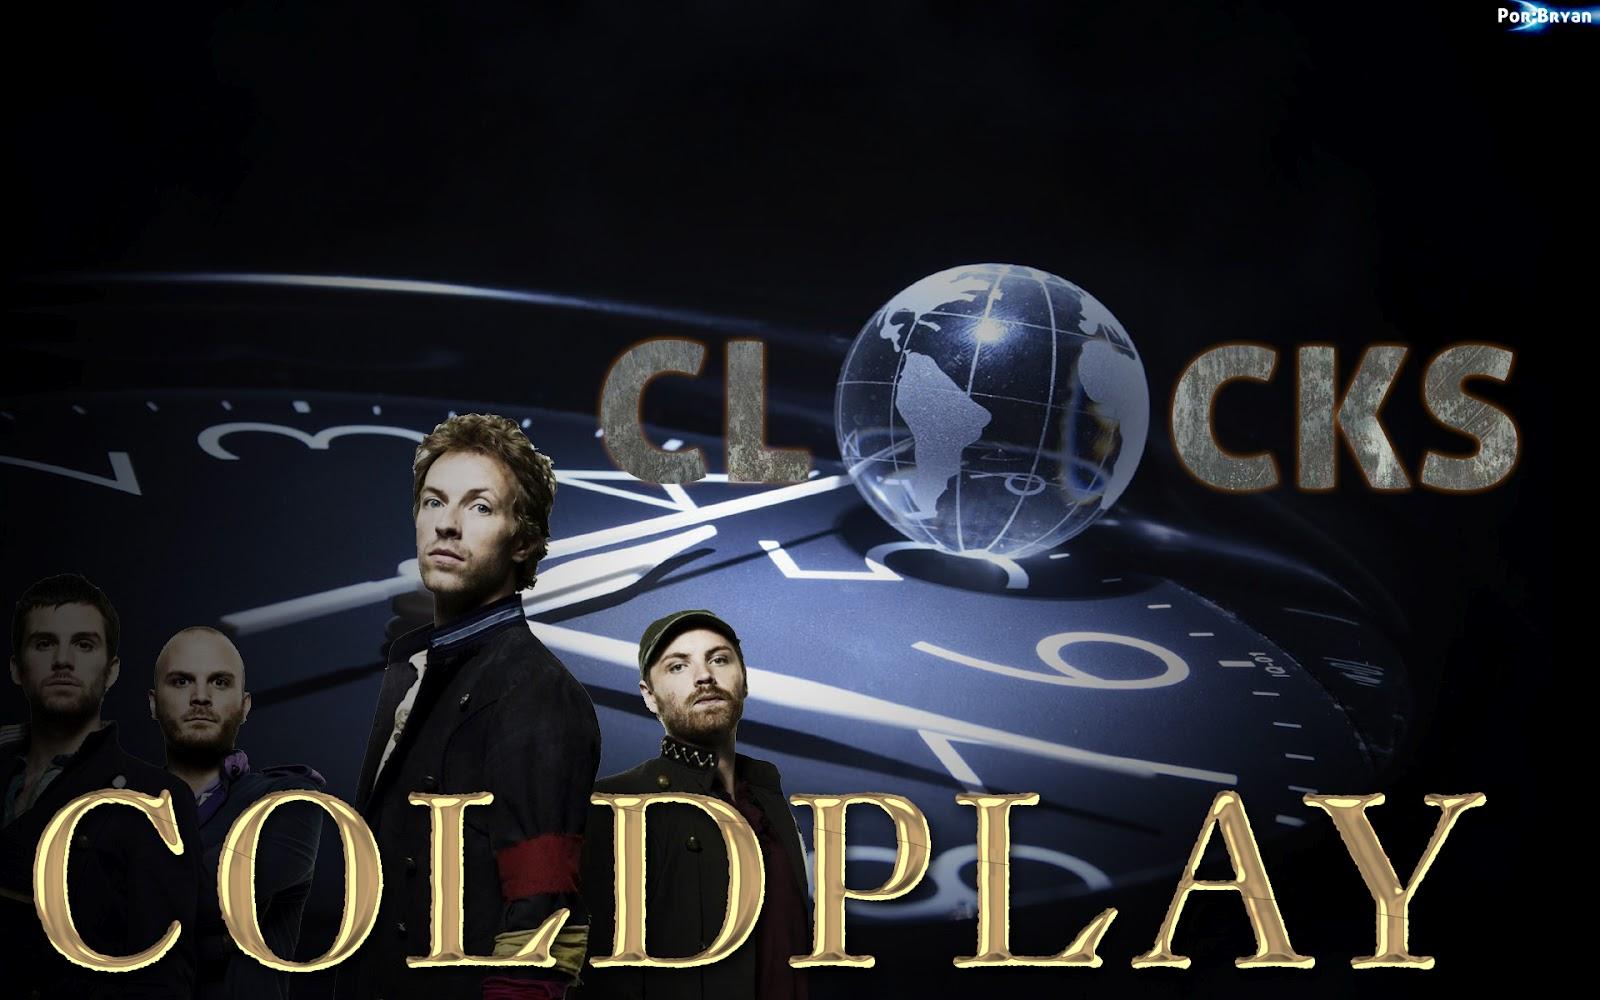 Coldplayclocks